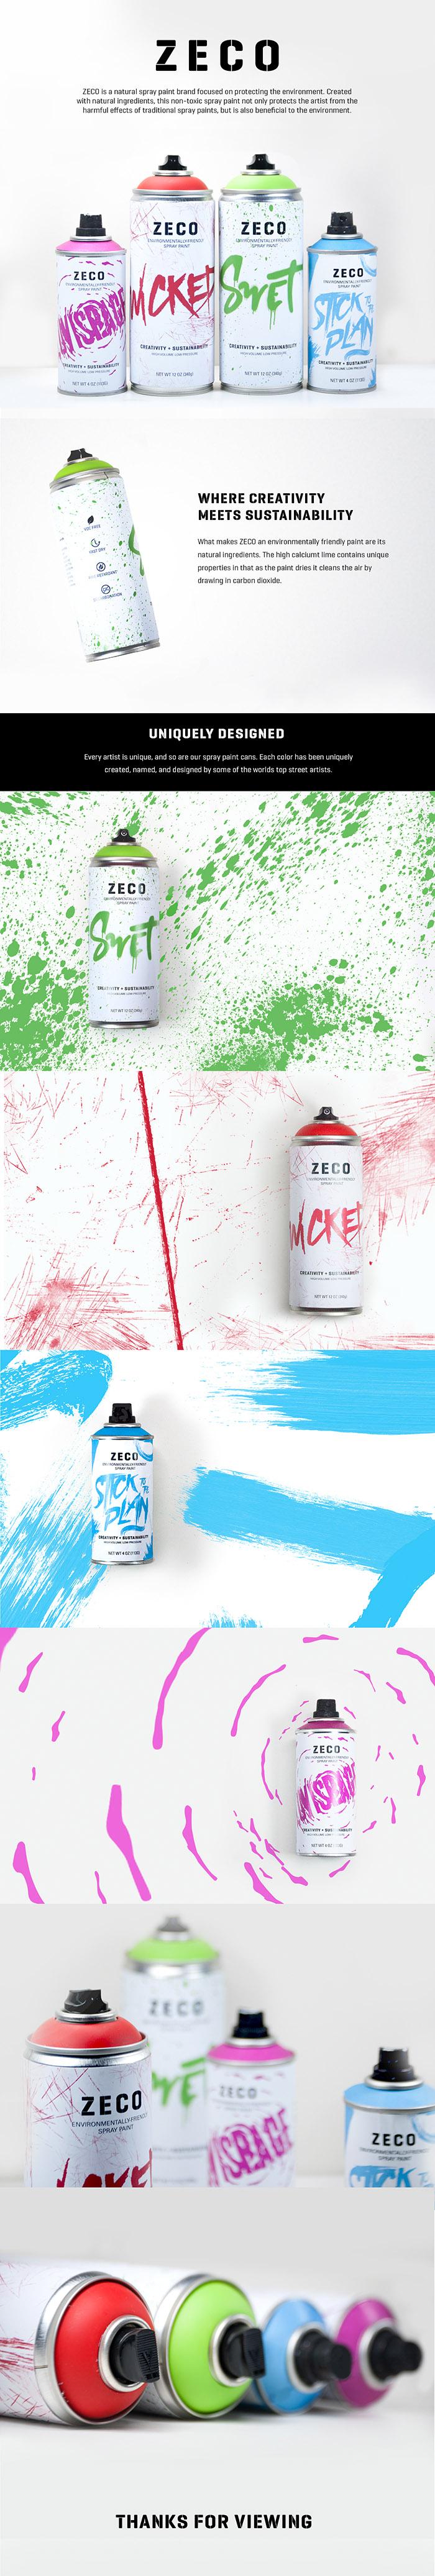 ZECO1